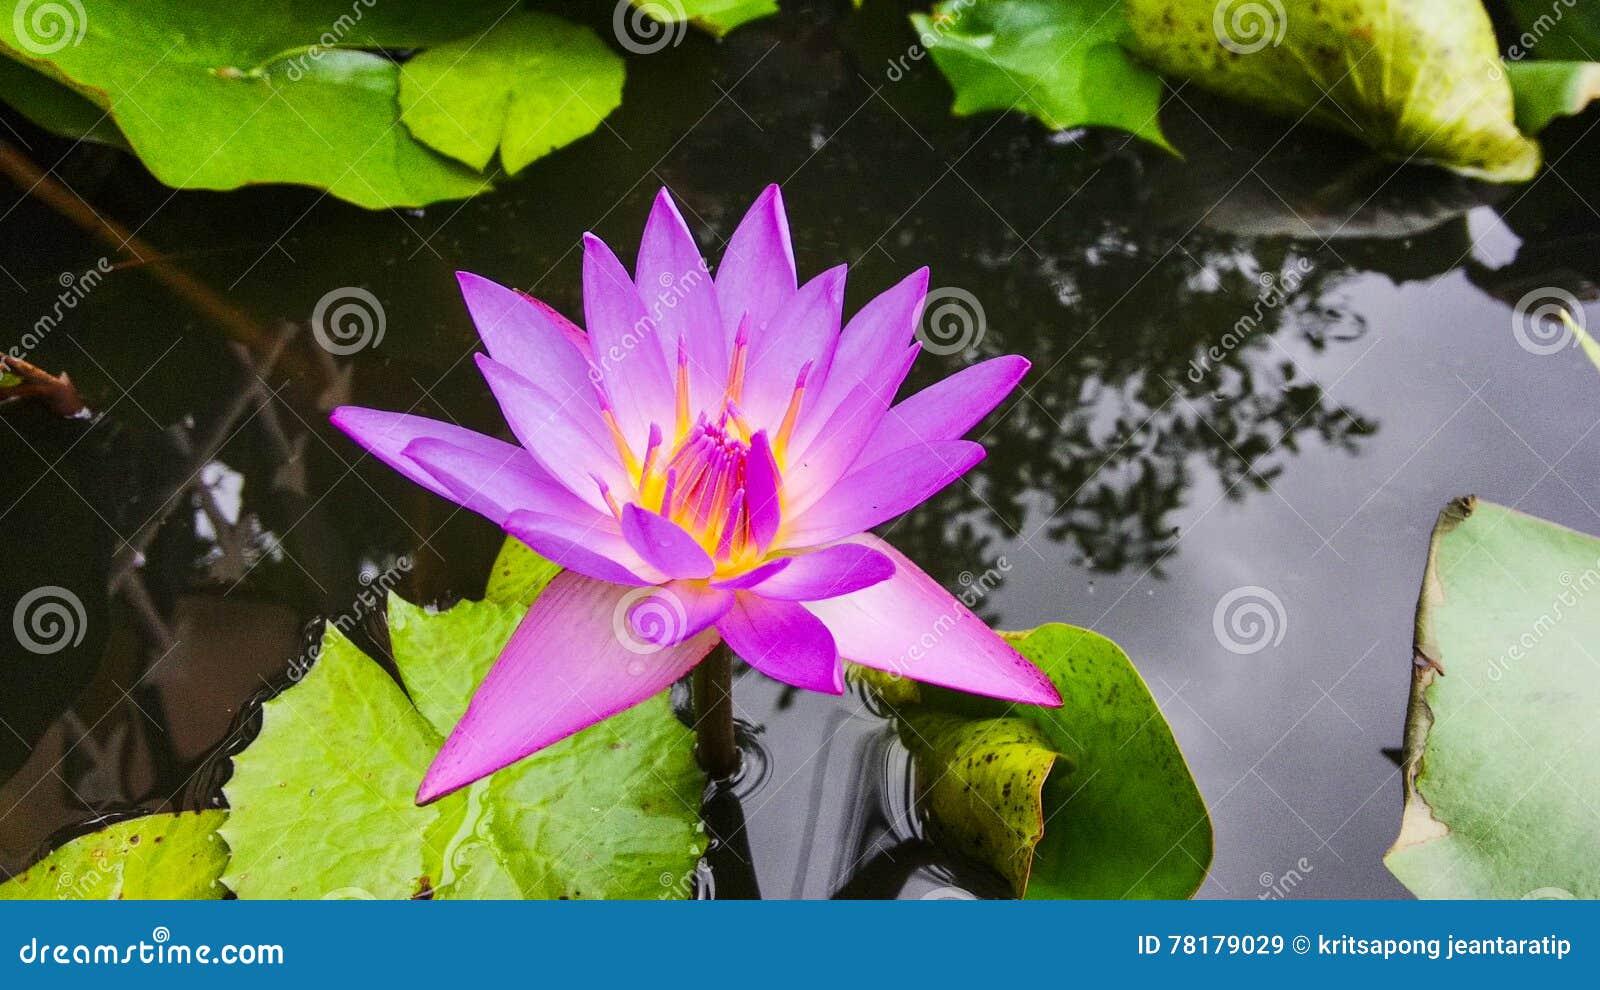 Thai lotus stock image image of flowers thai garden 78179029 download thai lotus stock image image of flowers thai garden 78179029 izmirmasajfo